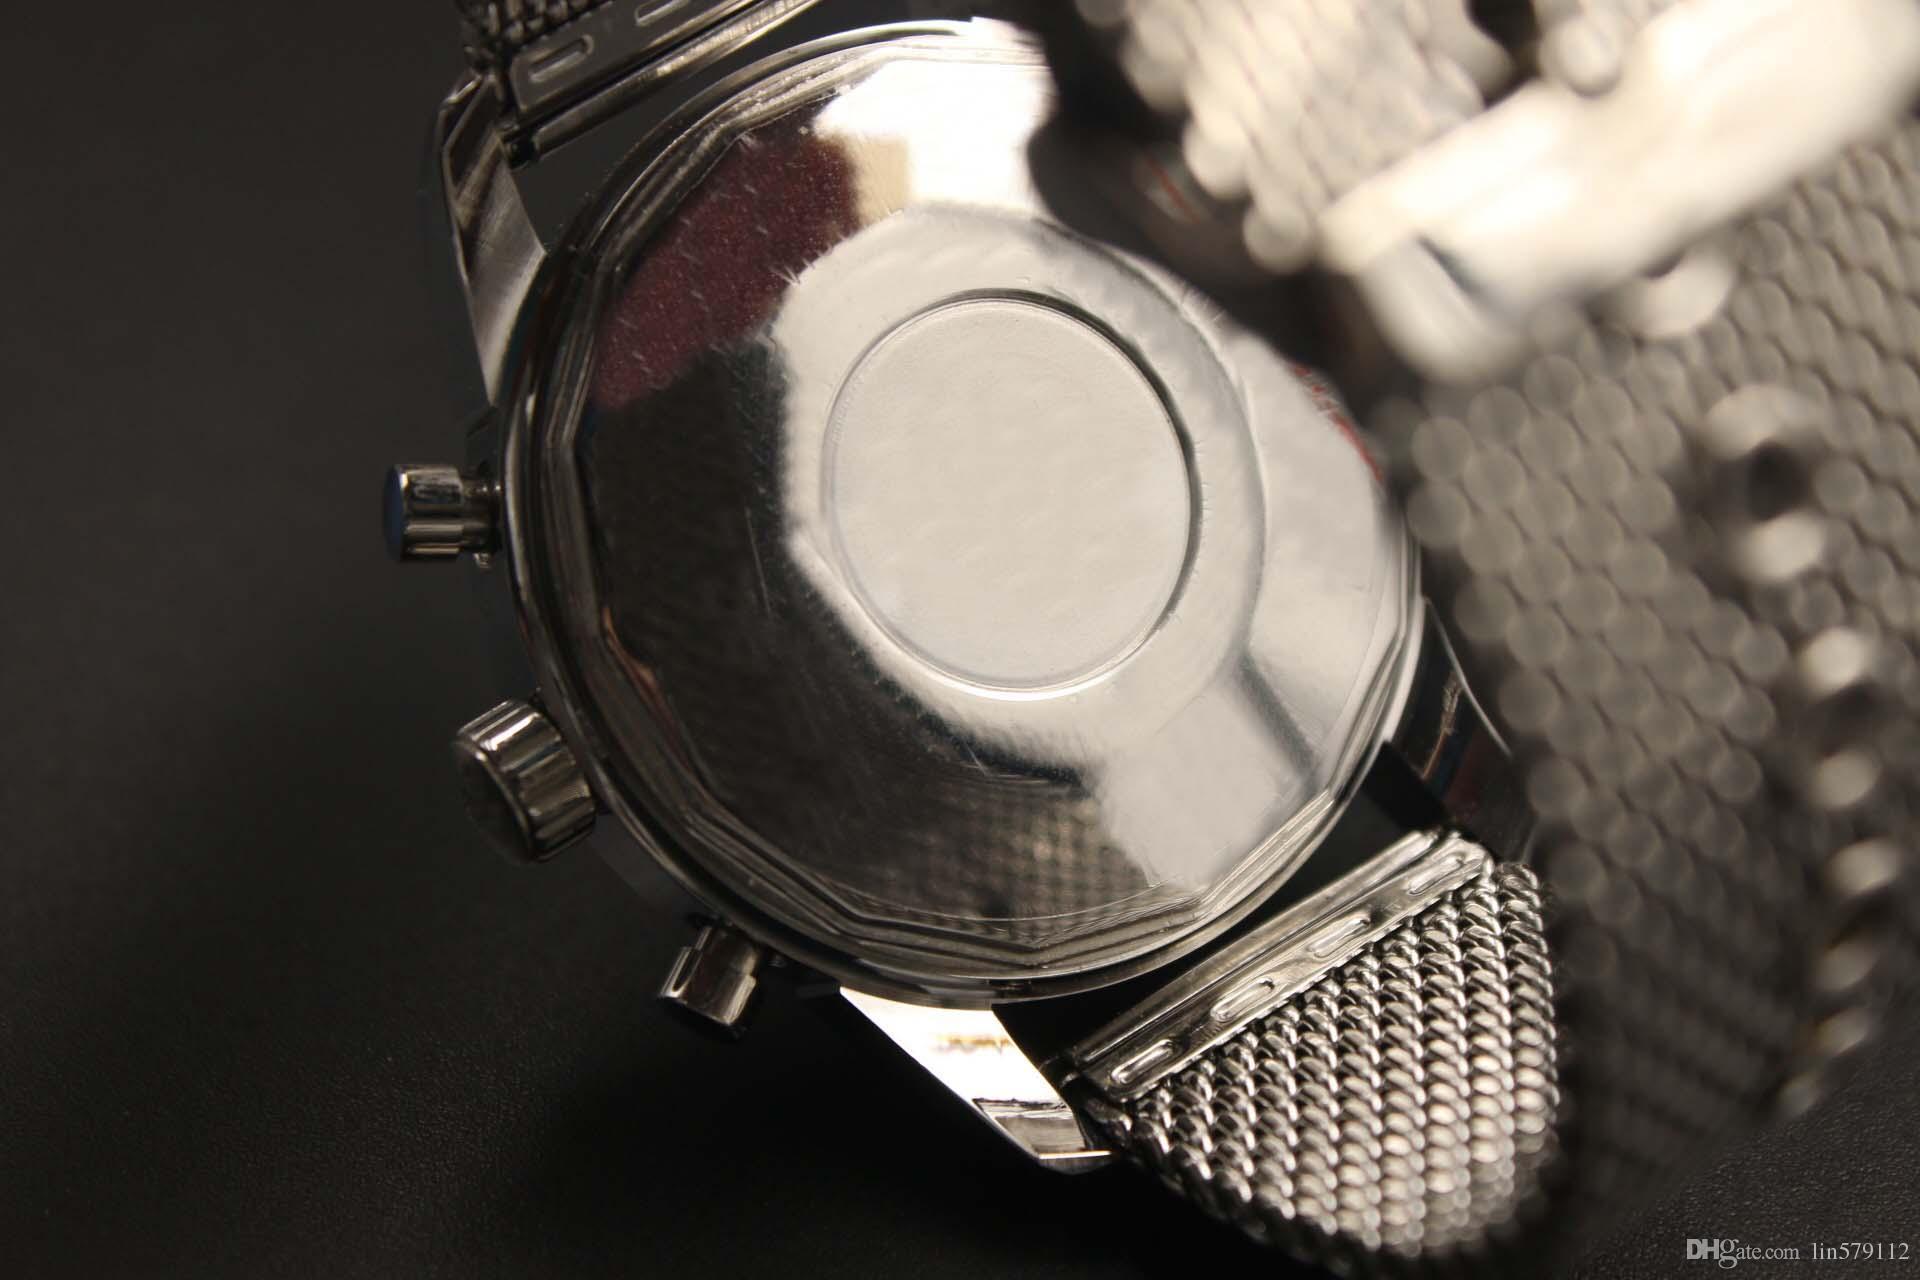 AAA nouveau homme Chronographe haute qualité 1884 TRANSOCEAN UNITIME professionnel en acier inoxydable de calibre de pilote sport Royal marque montres